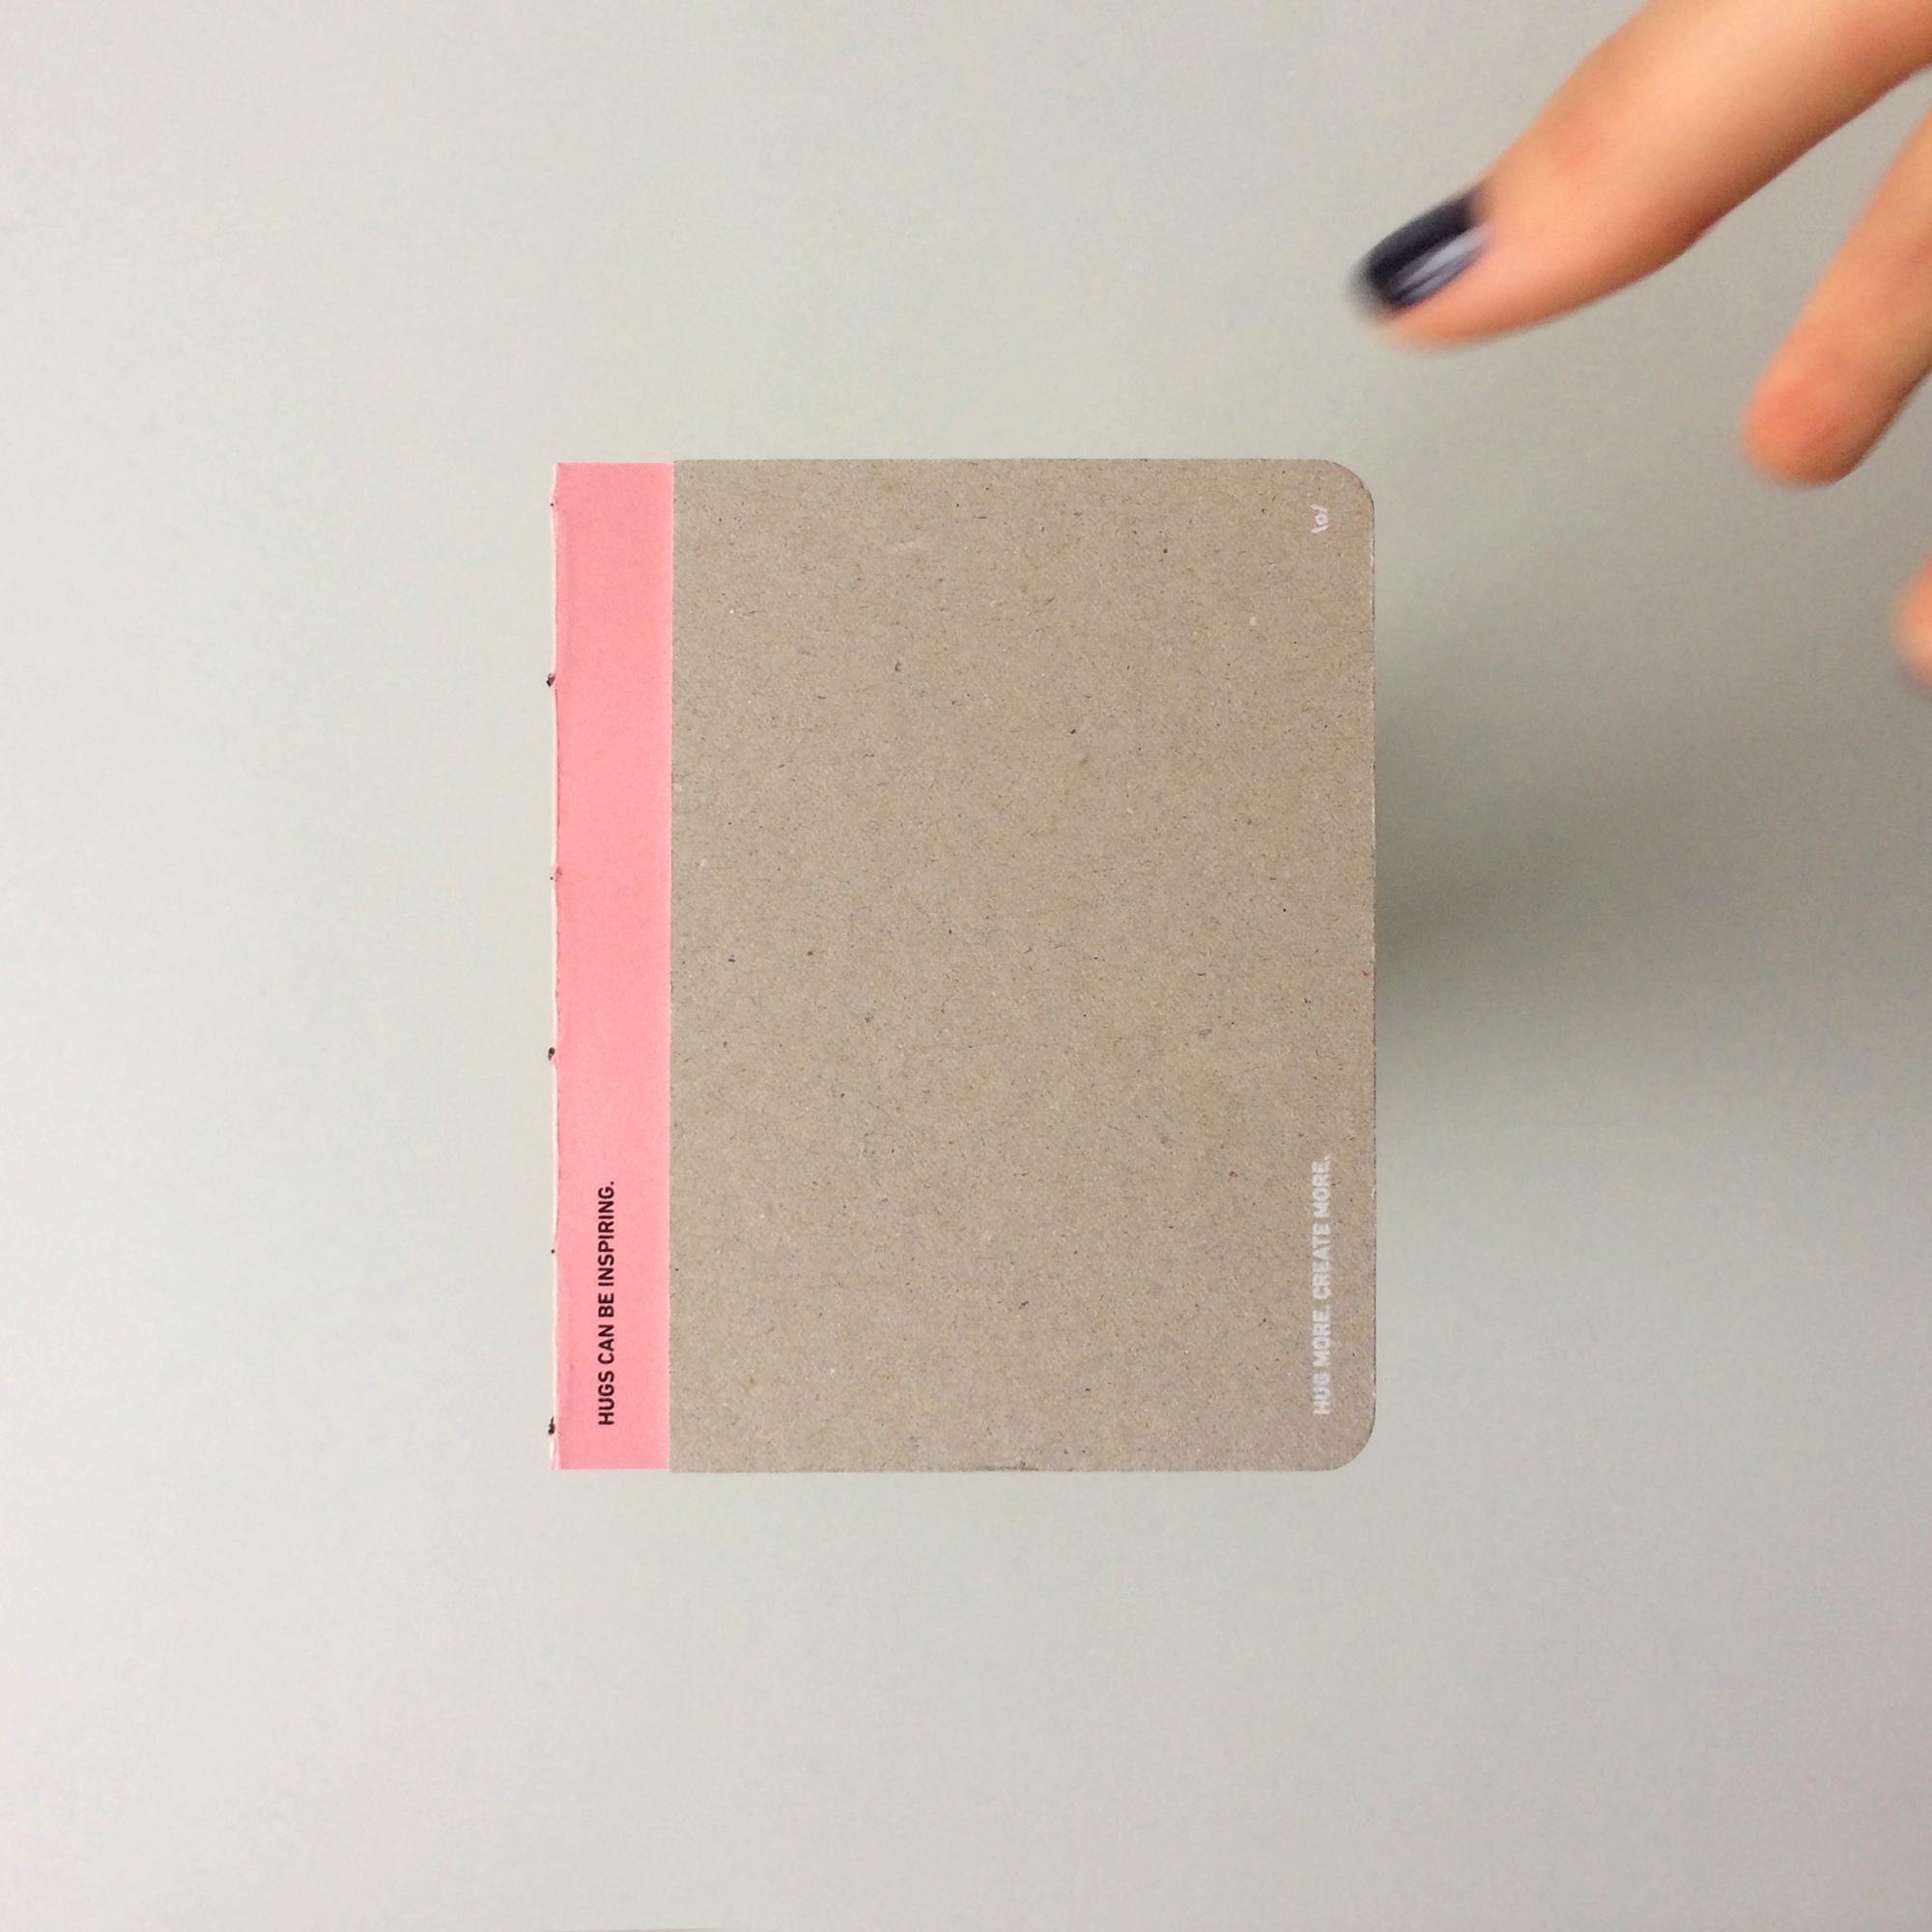 hug_more_sketchbook-flamingo-001-1.jpg